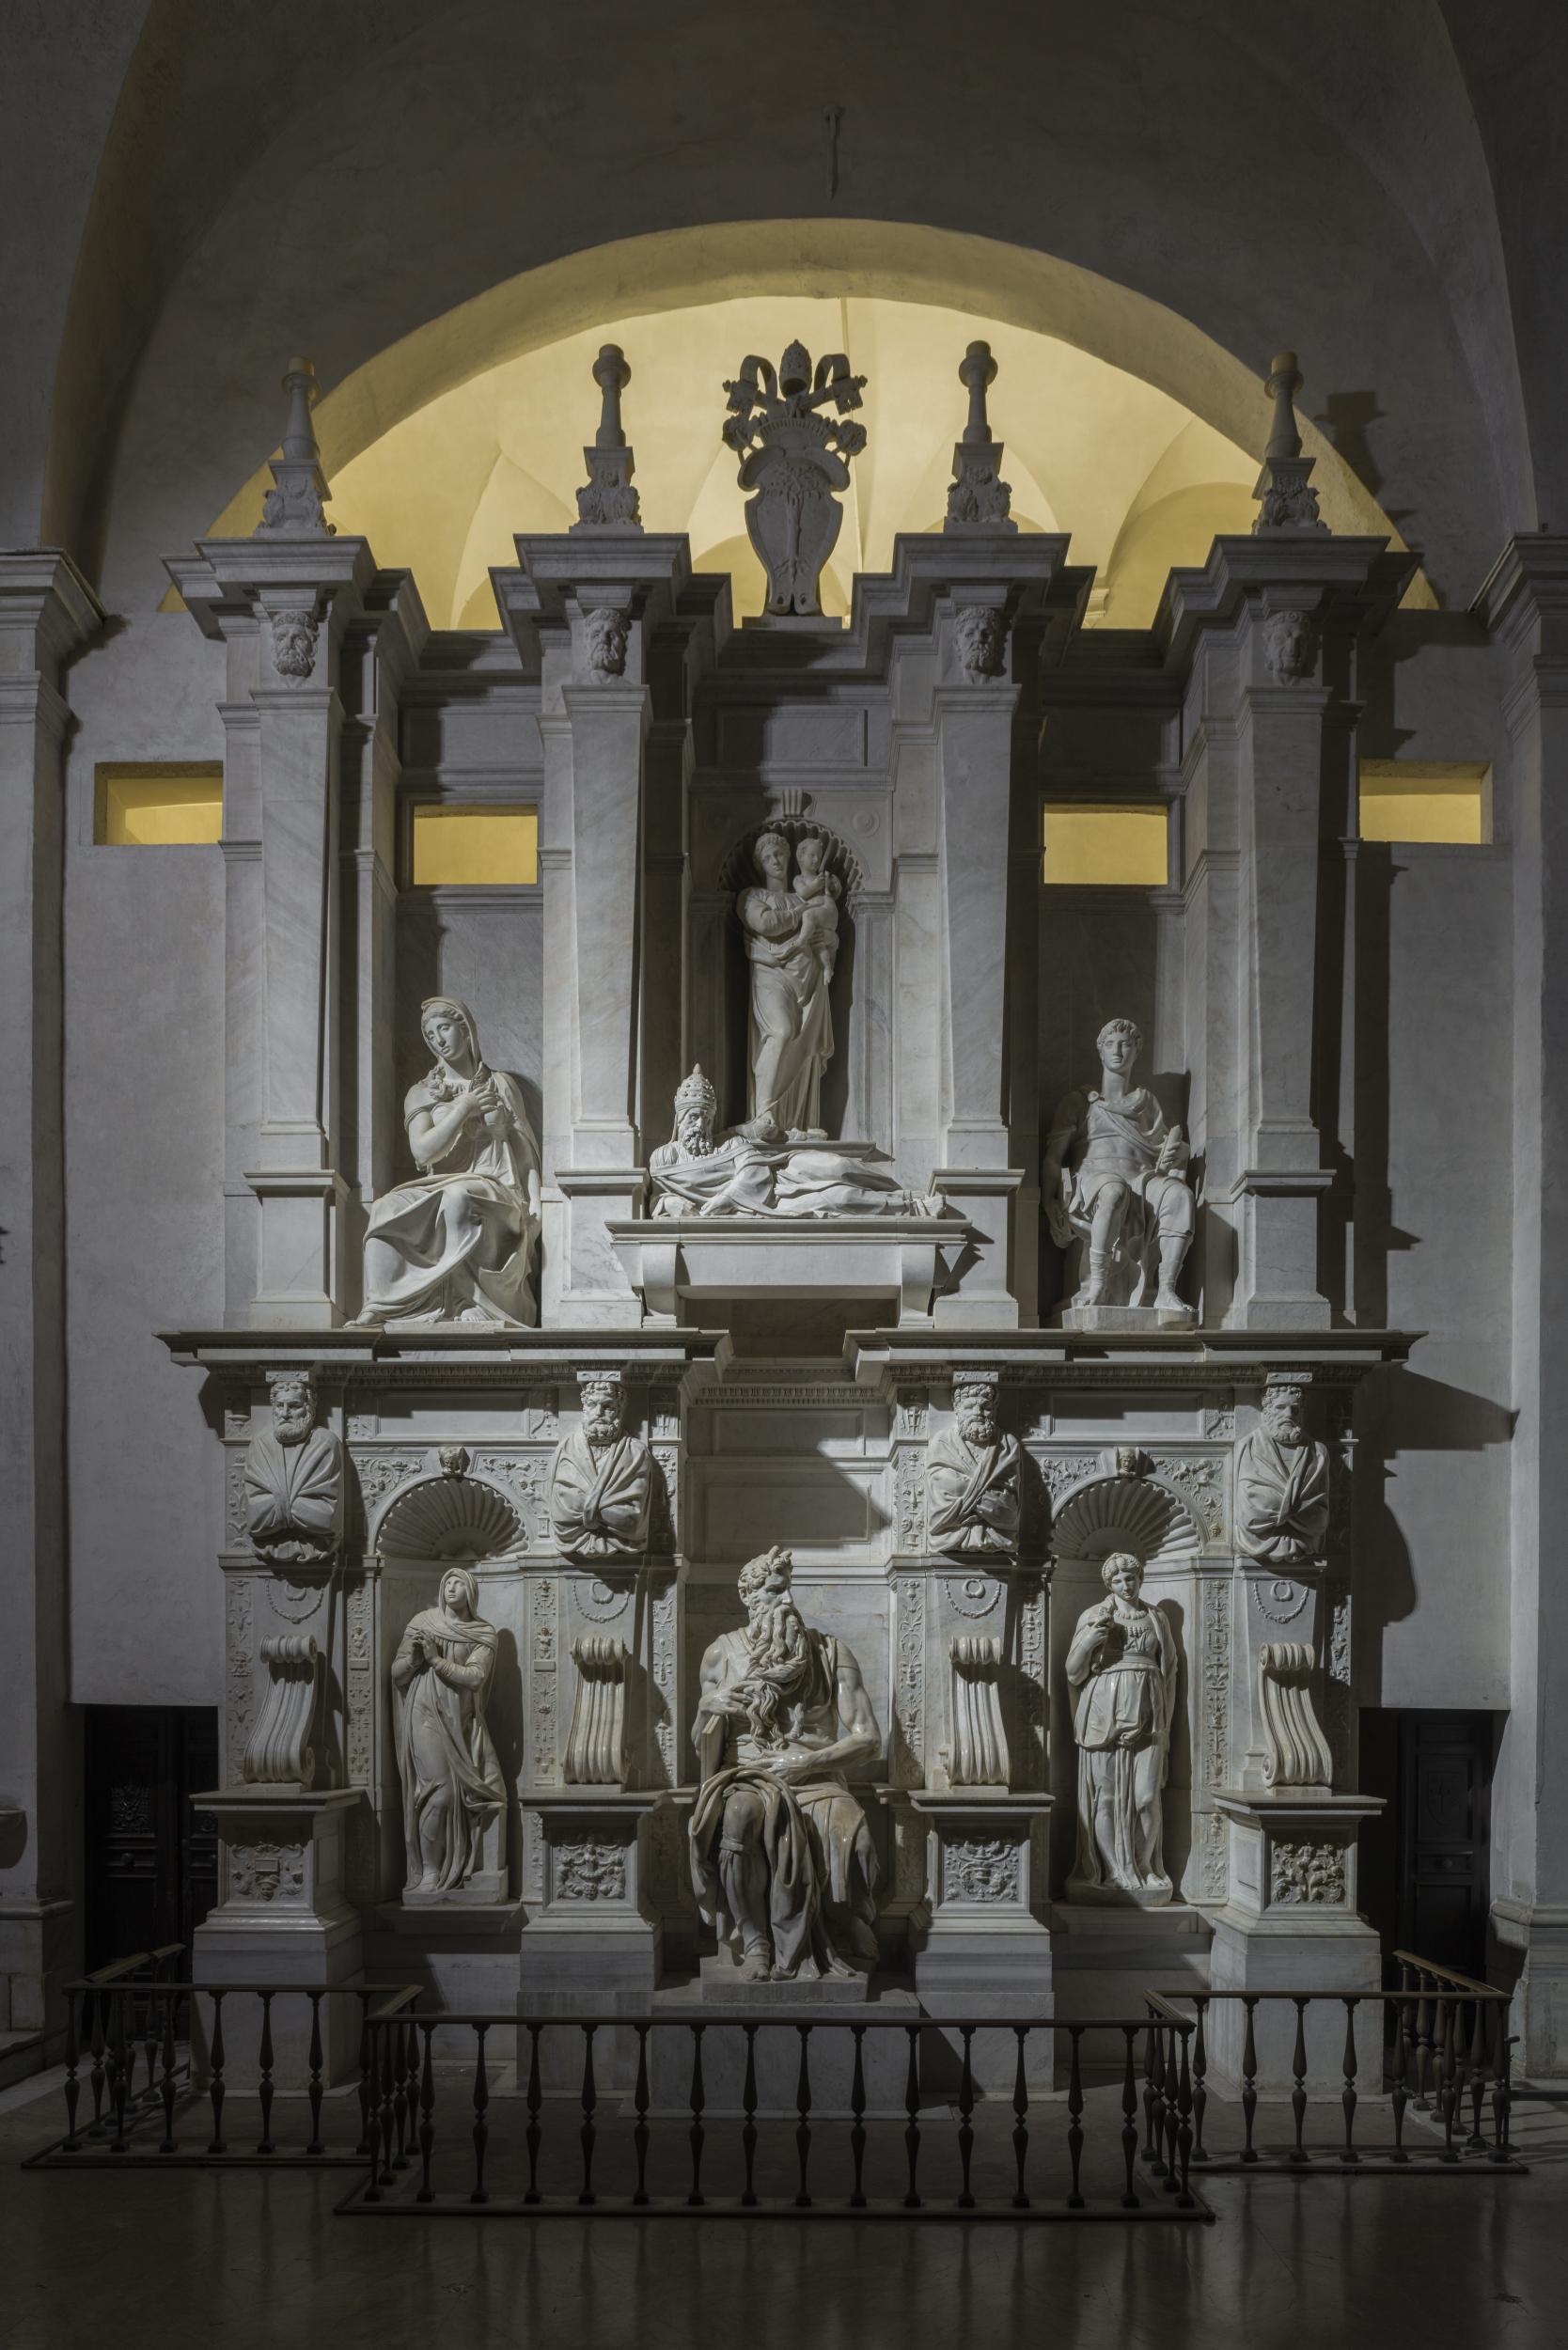 Roma, San Pietro in Vincoli. Michelangelo - Mausoleo di Giulio II (cortesia foto: Andrea Jemolo)